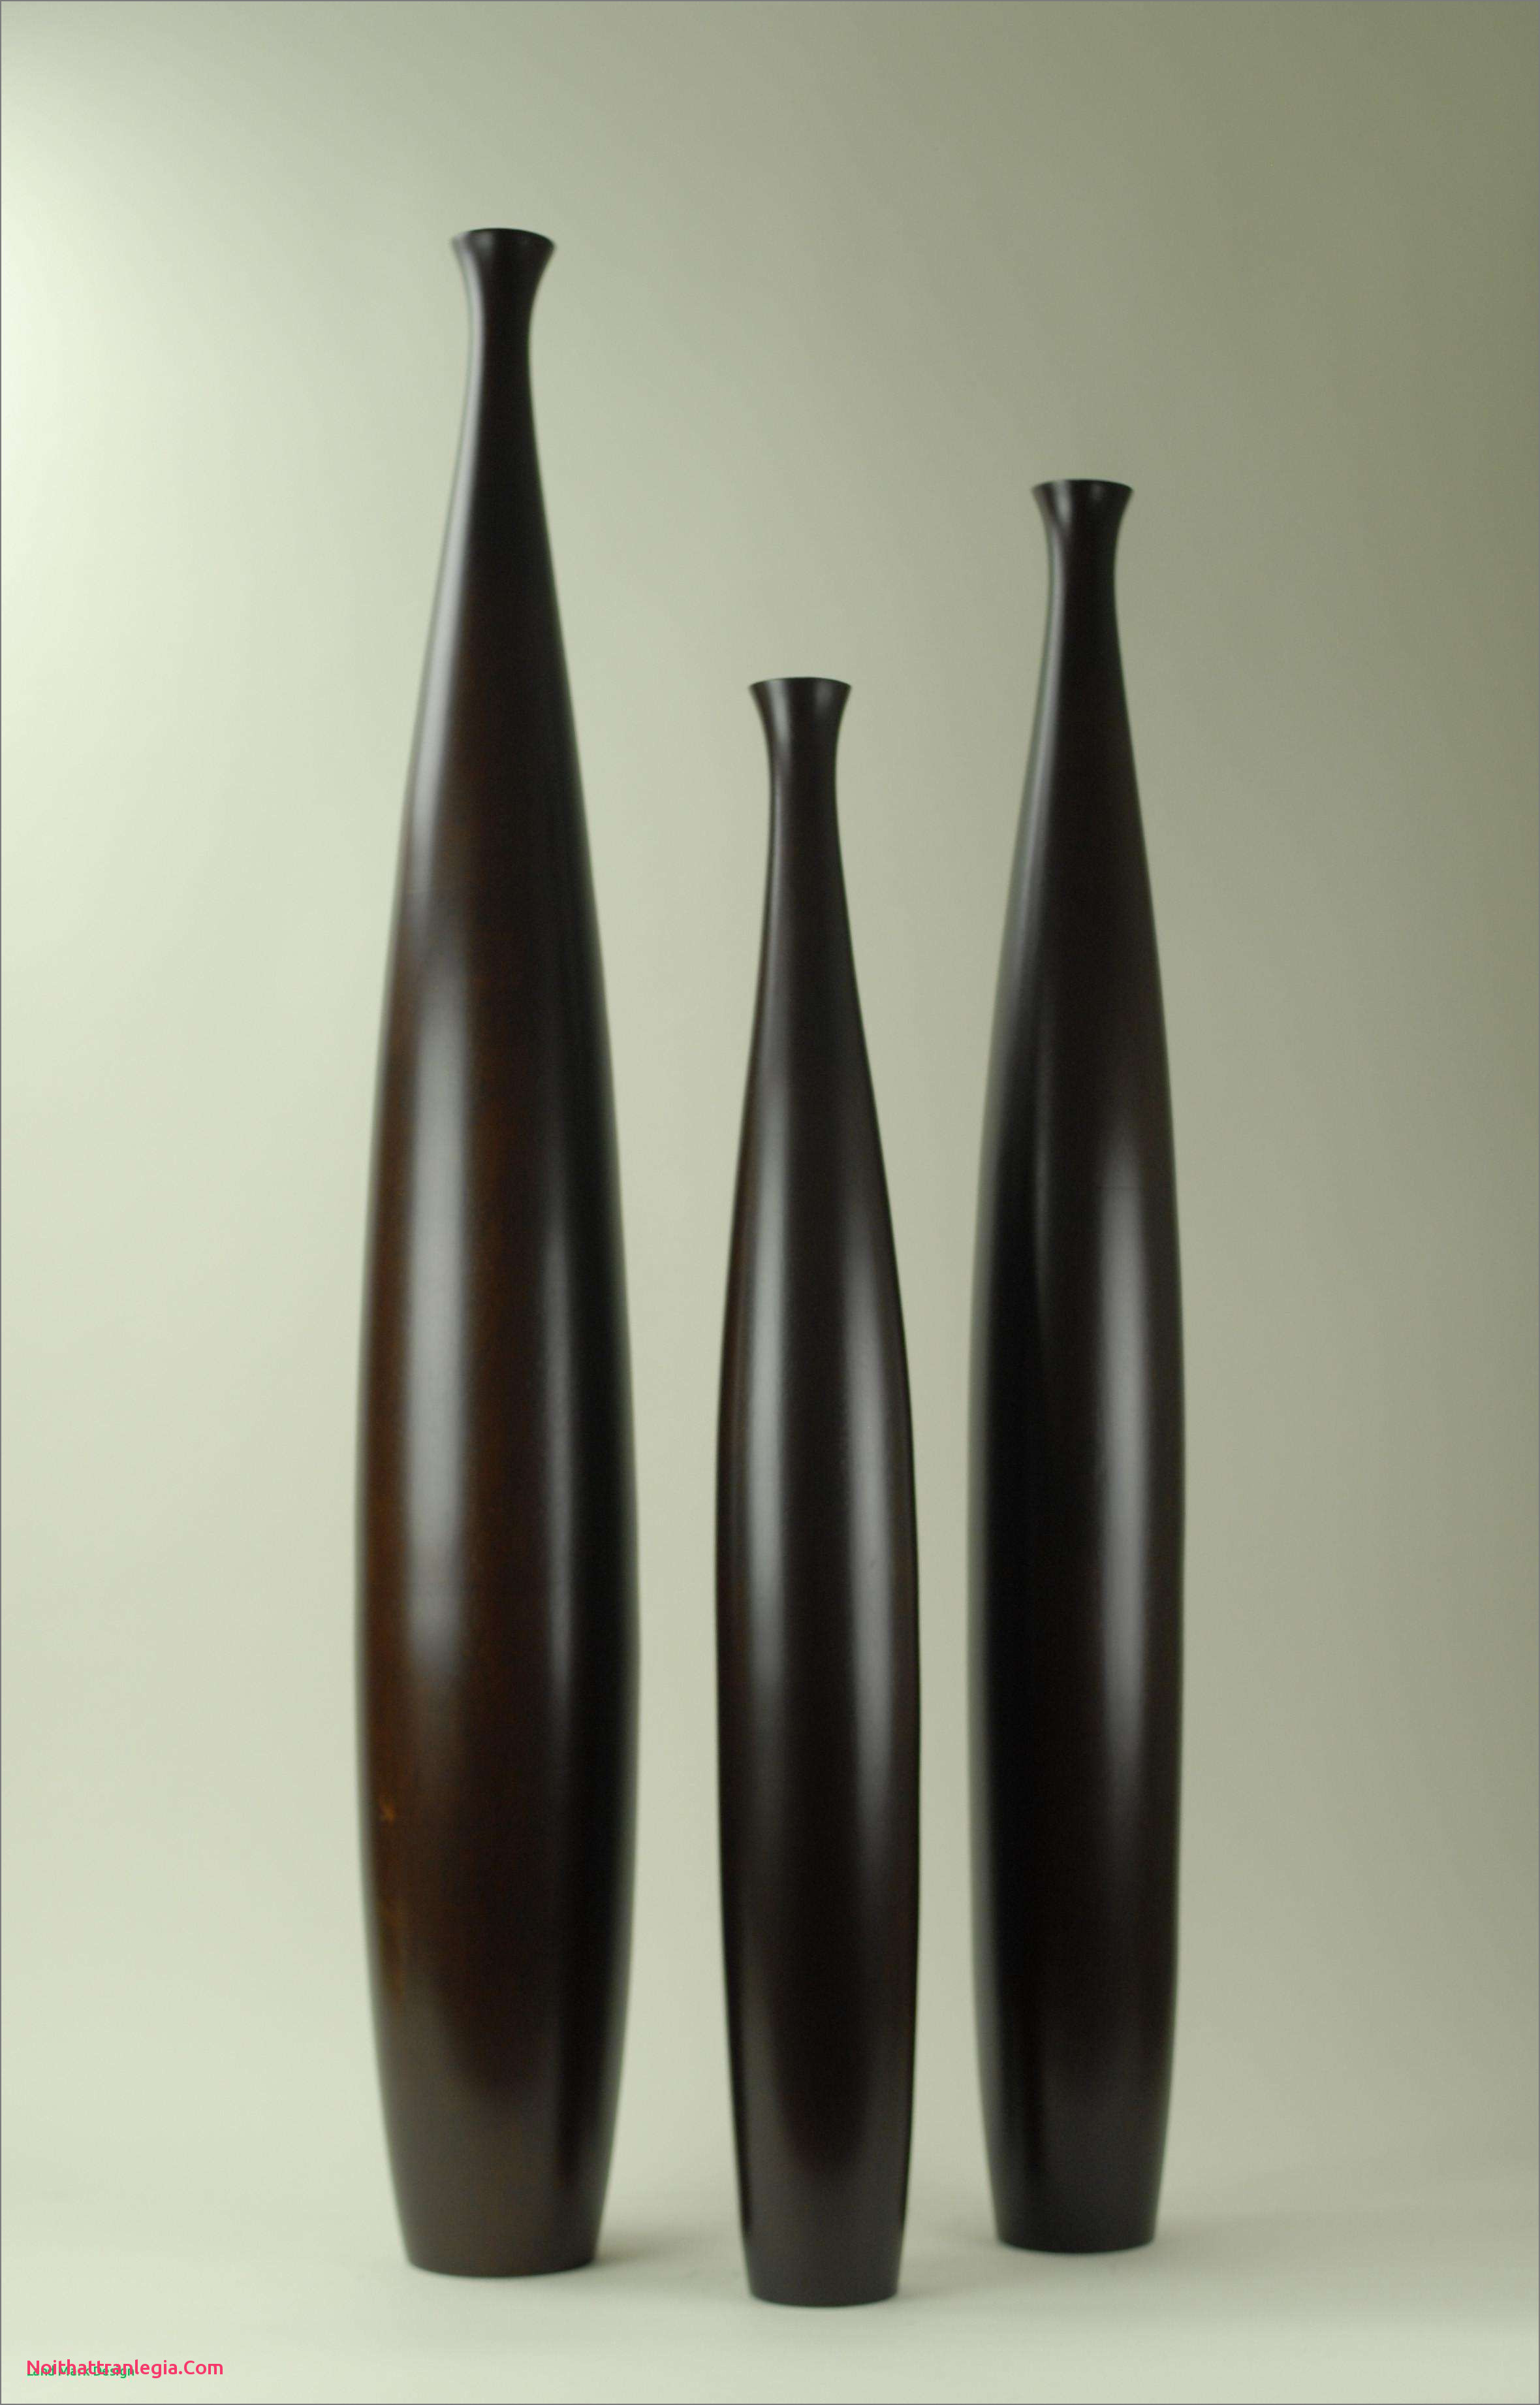 buy floor vases online of 20 large floor vase nz noithattranlegia vases design throughout floor vases ikea collection ikea floor vases design